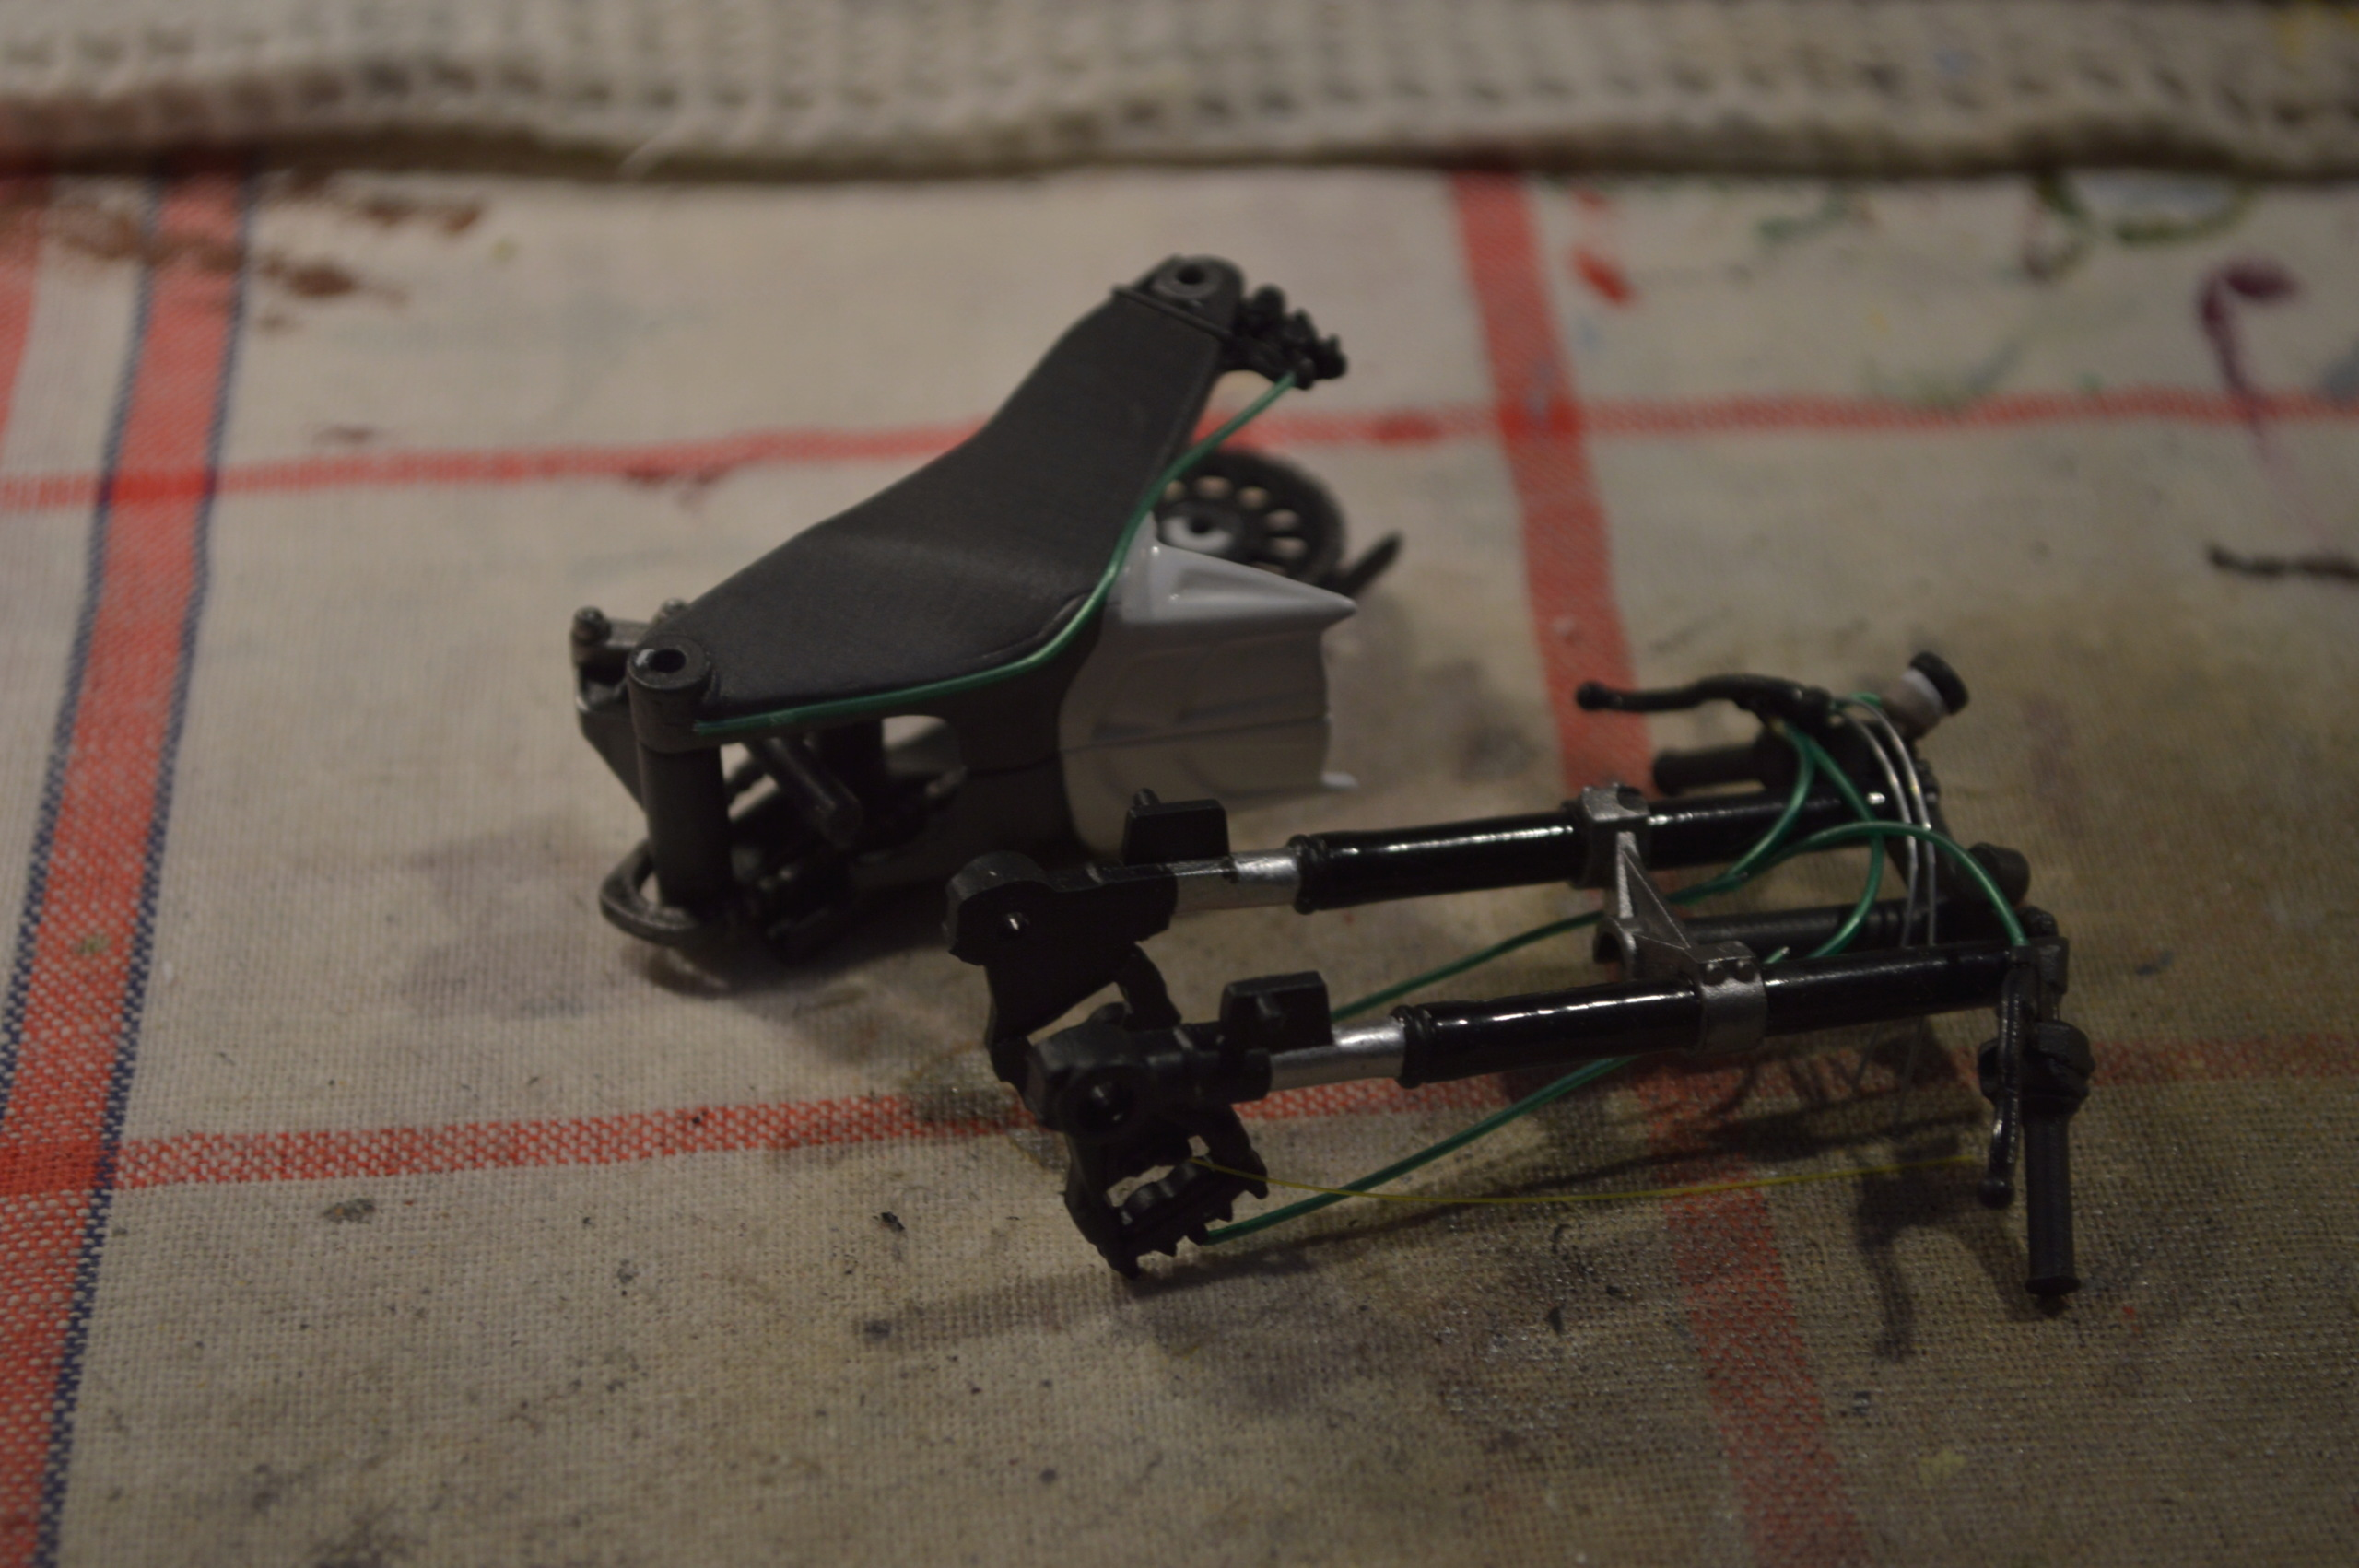 [Moto] Conversion et kit de maquette - Page 2 Frein11